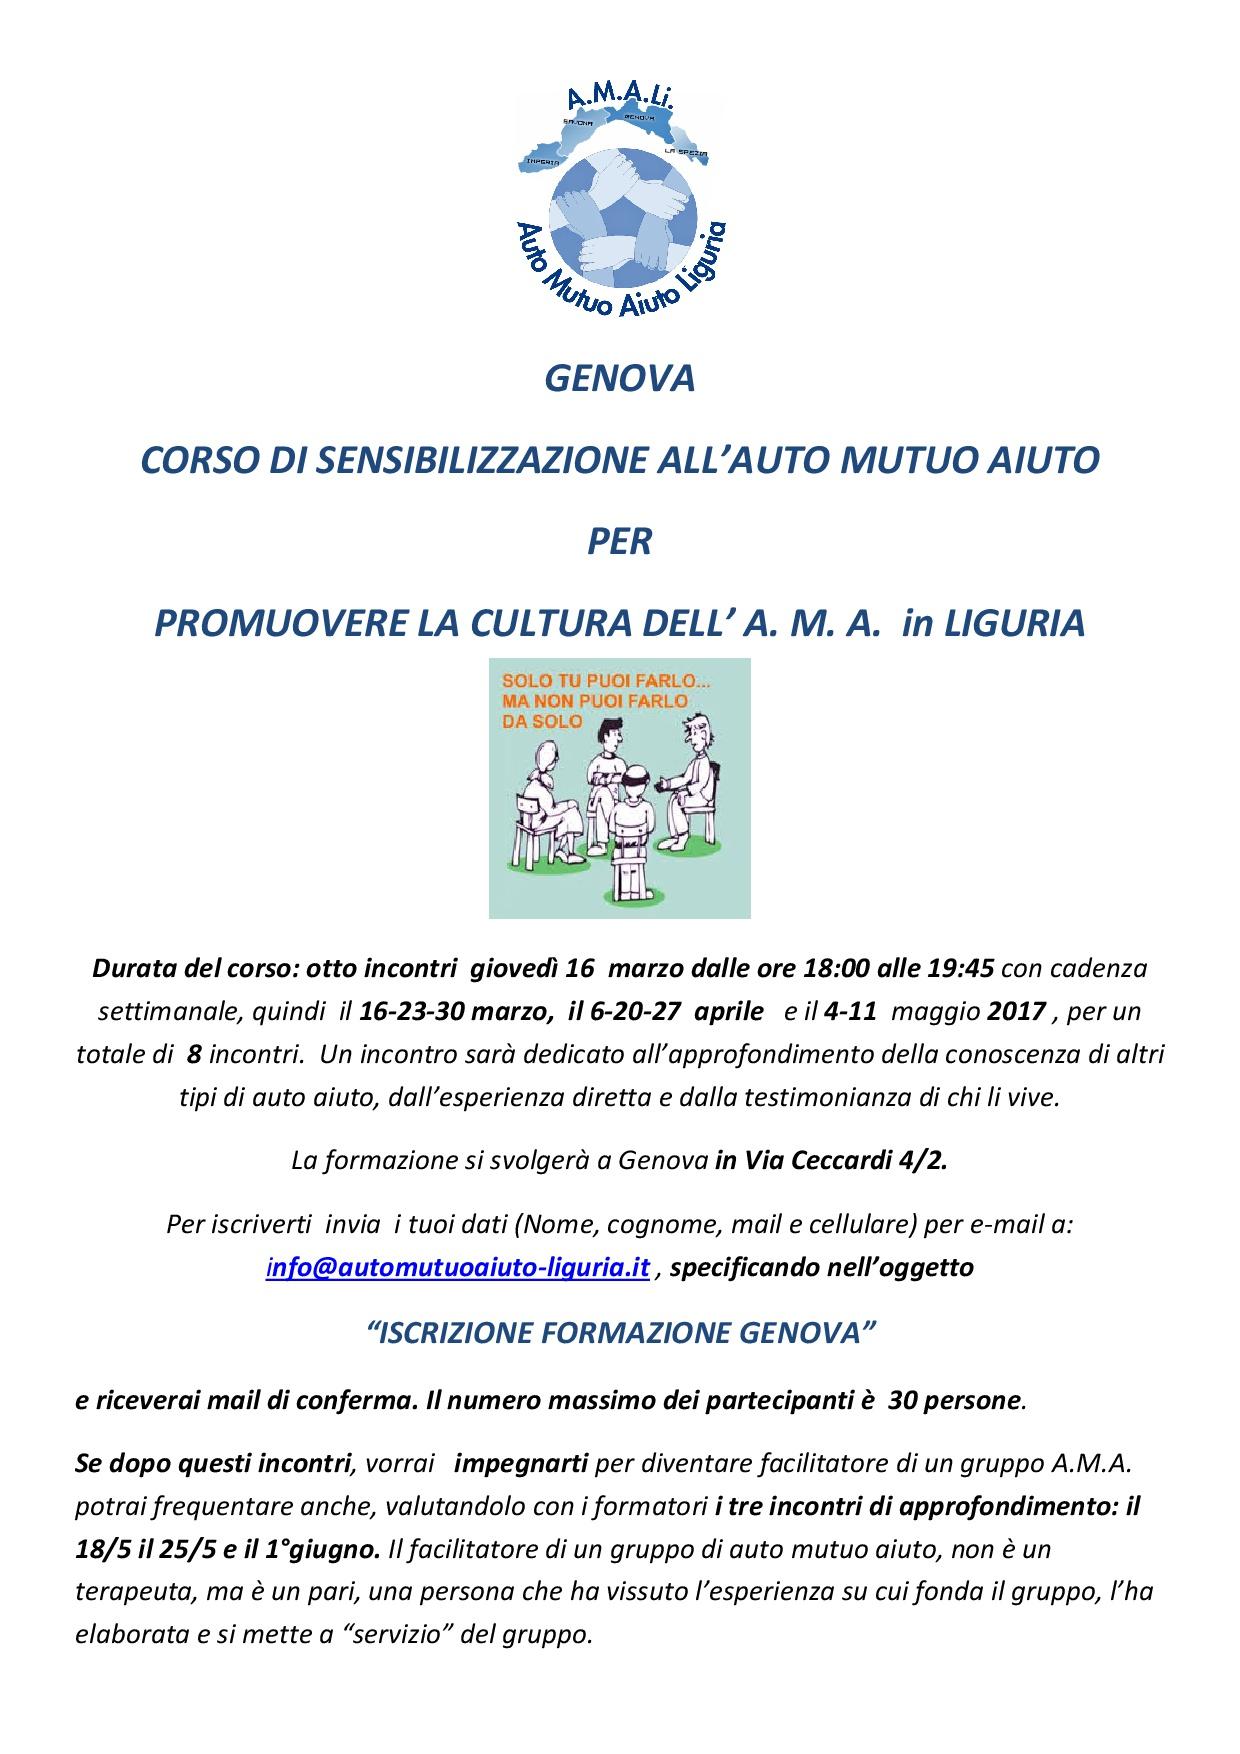 Invito formazione Genova facebook